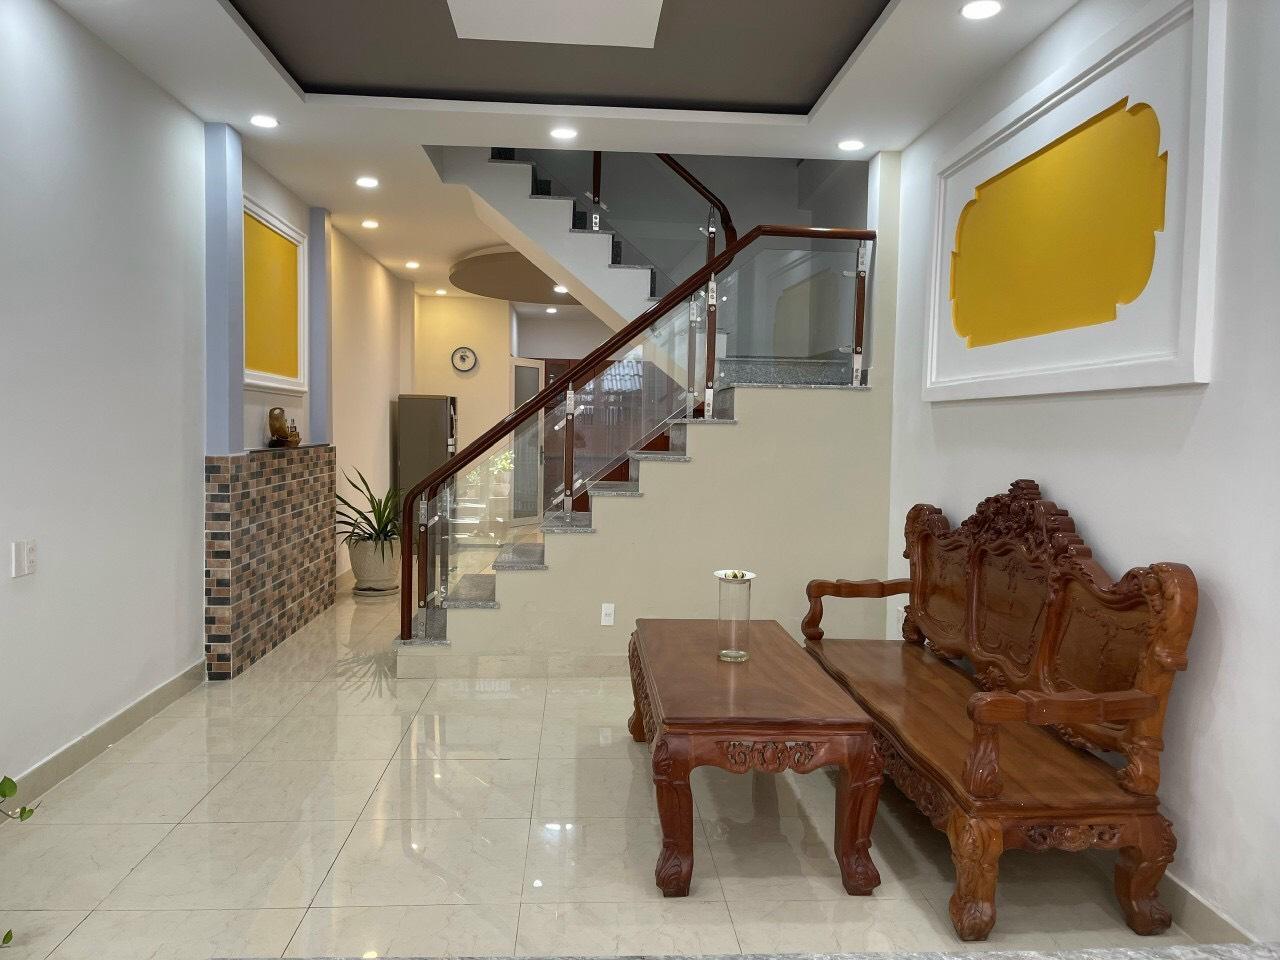 Cần bán gấp nhà mới khu nội bộ VIP hẻm 86 Thích Quảng Đức, P. 5, Q. Phú Nhuận.